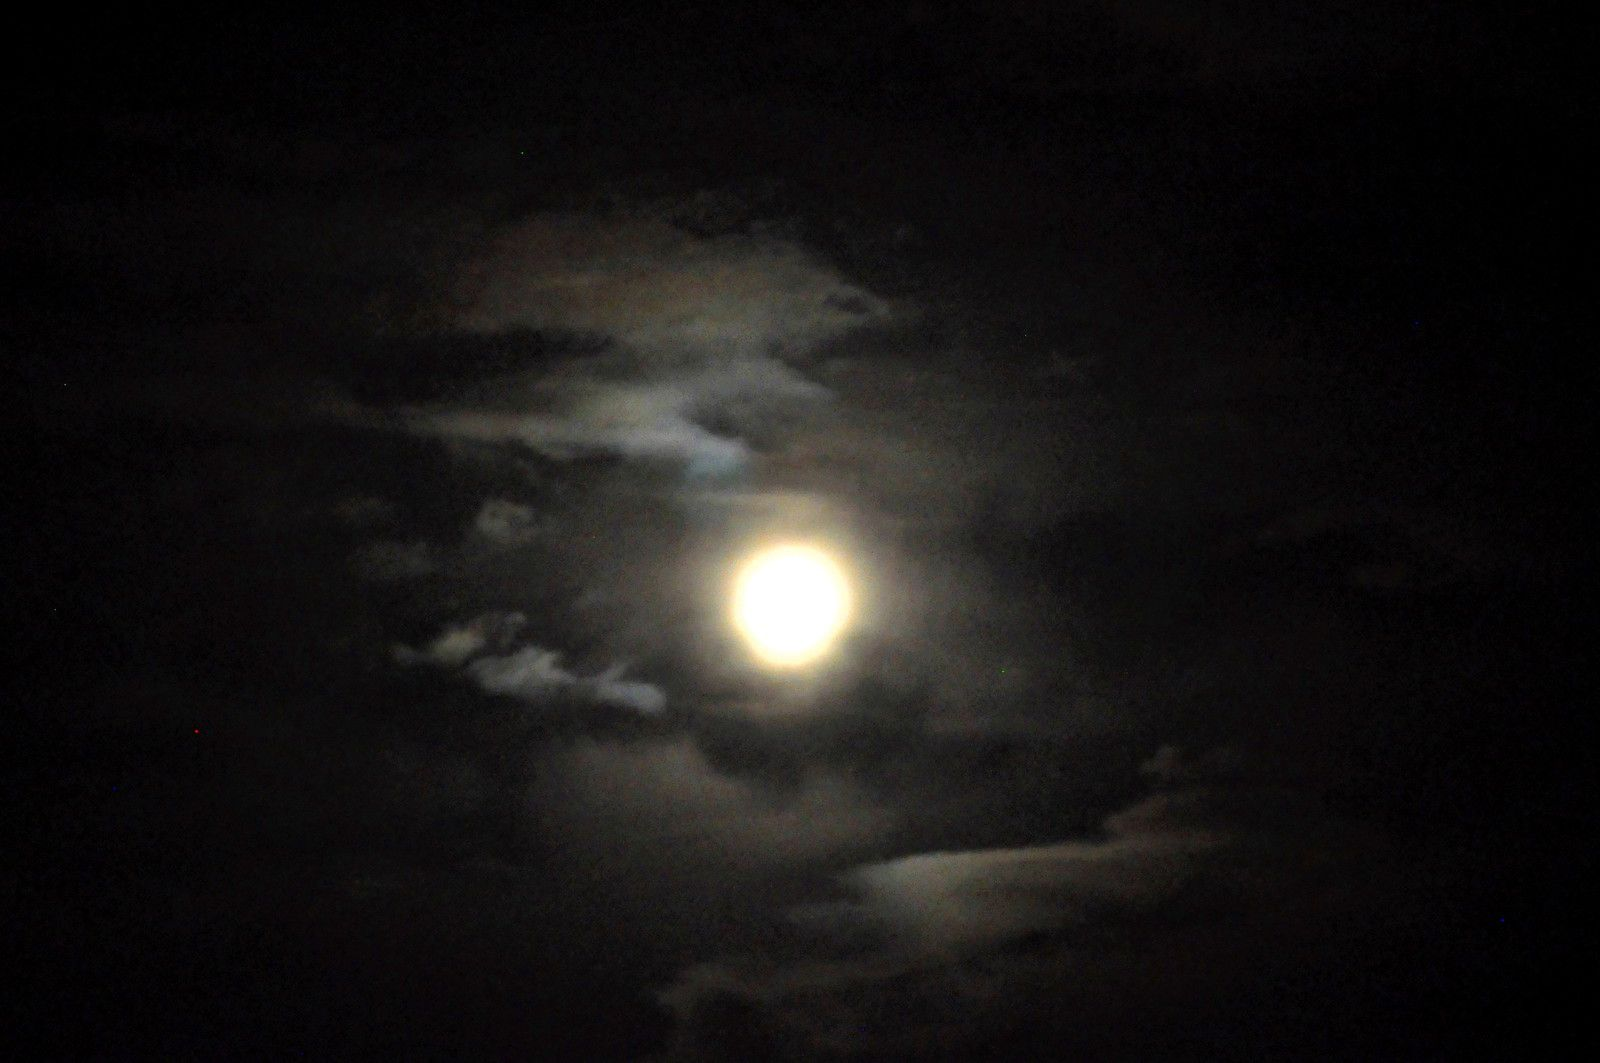 La lune et les nuages dans un jeu photographique.